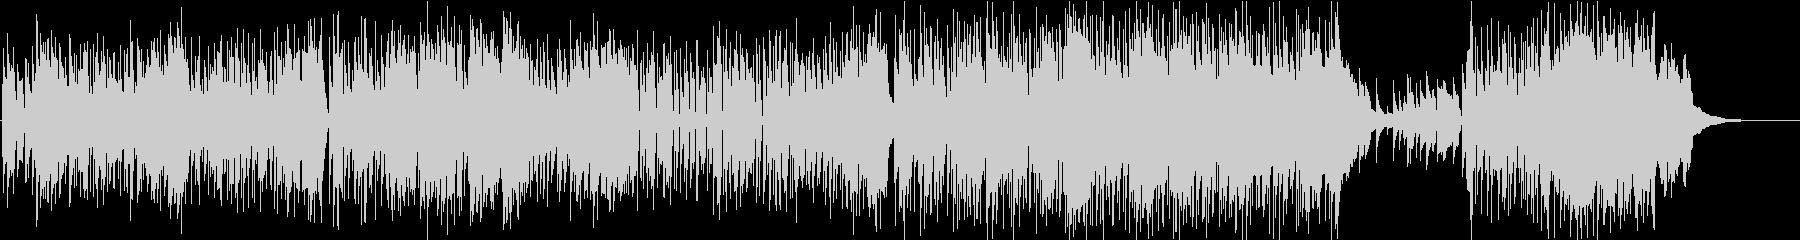 エンドオブヴァケイションの未再生の波形